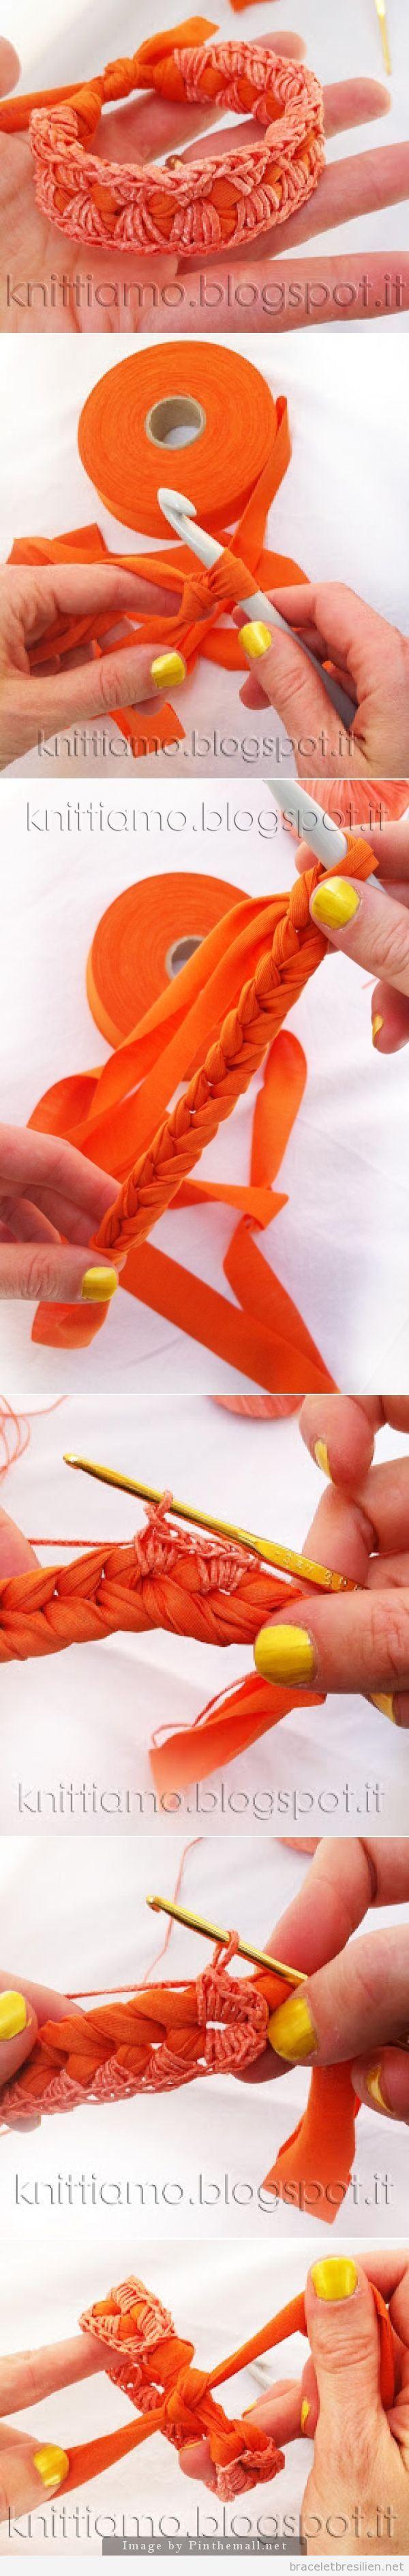 Tuto bracelet fabriqué en tissu el crochet